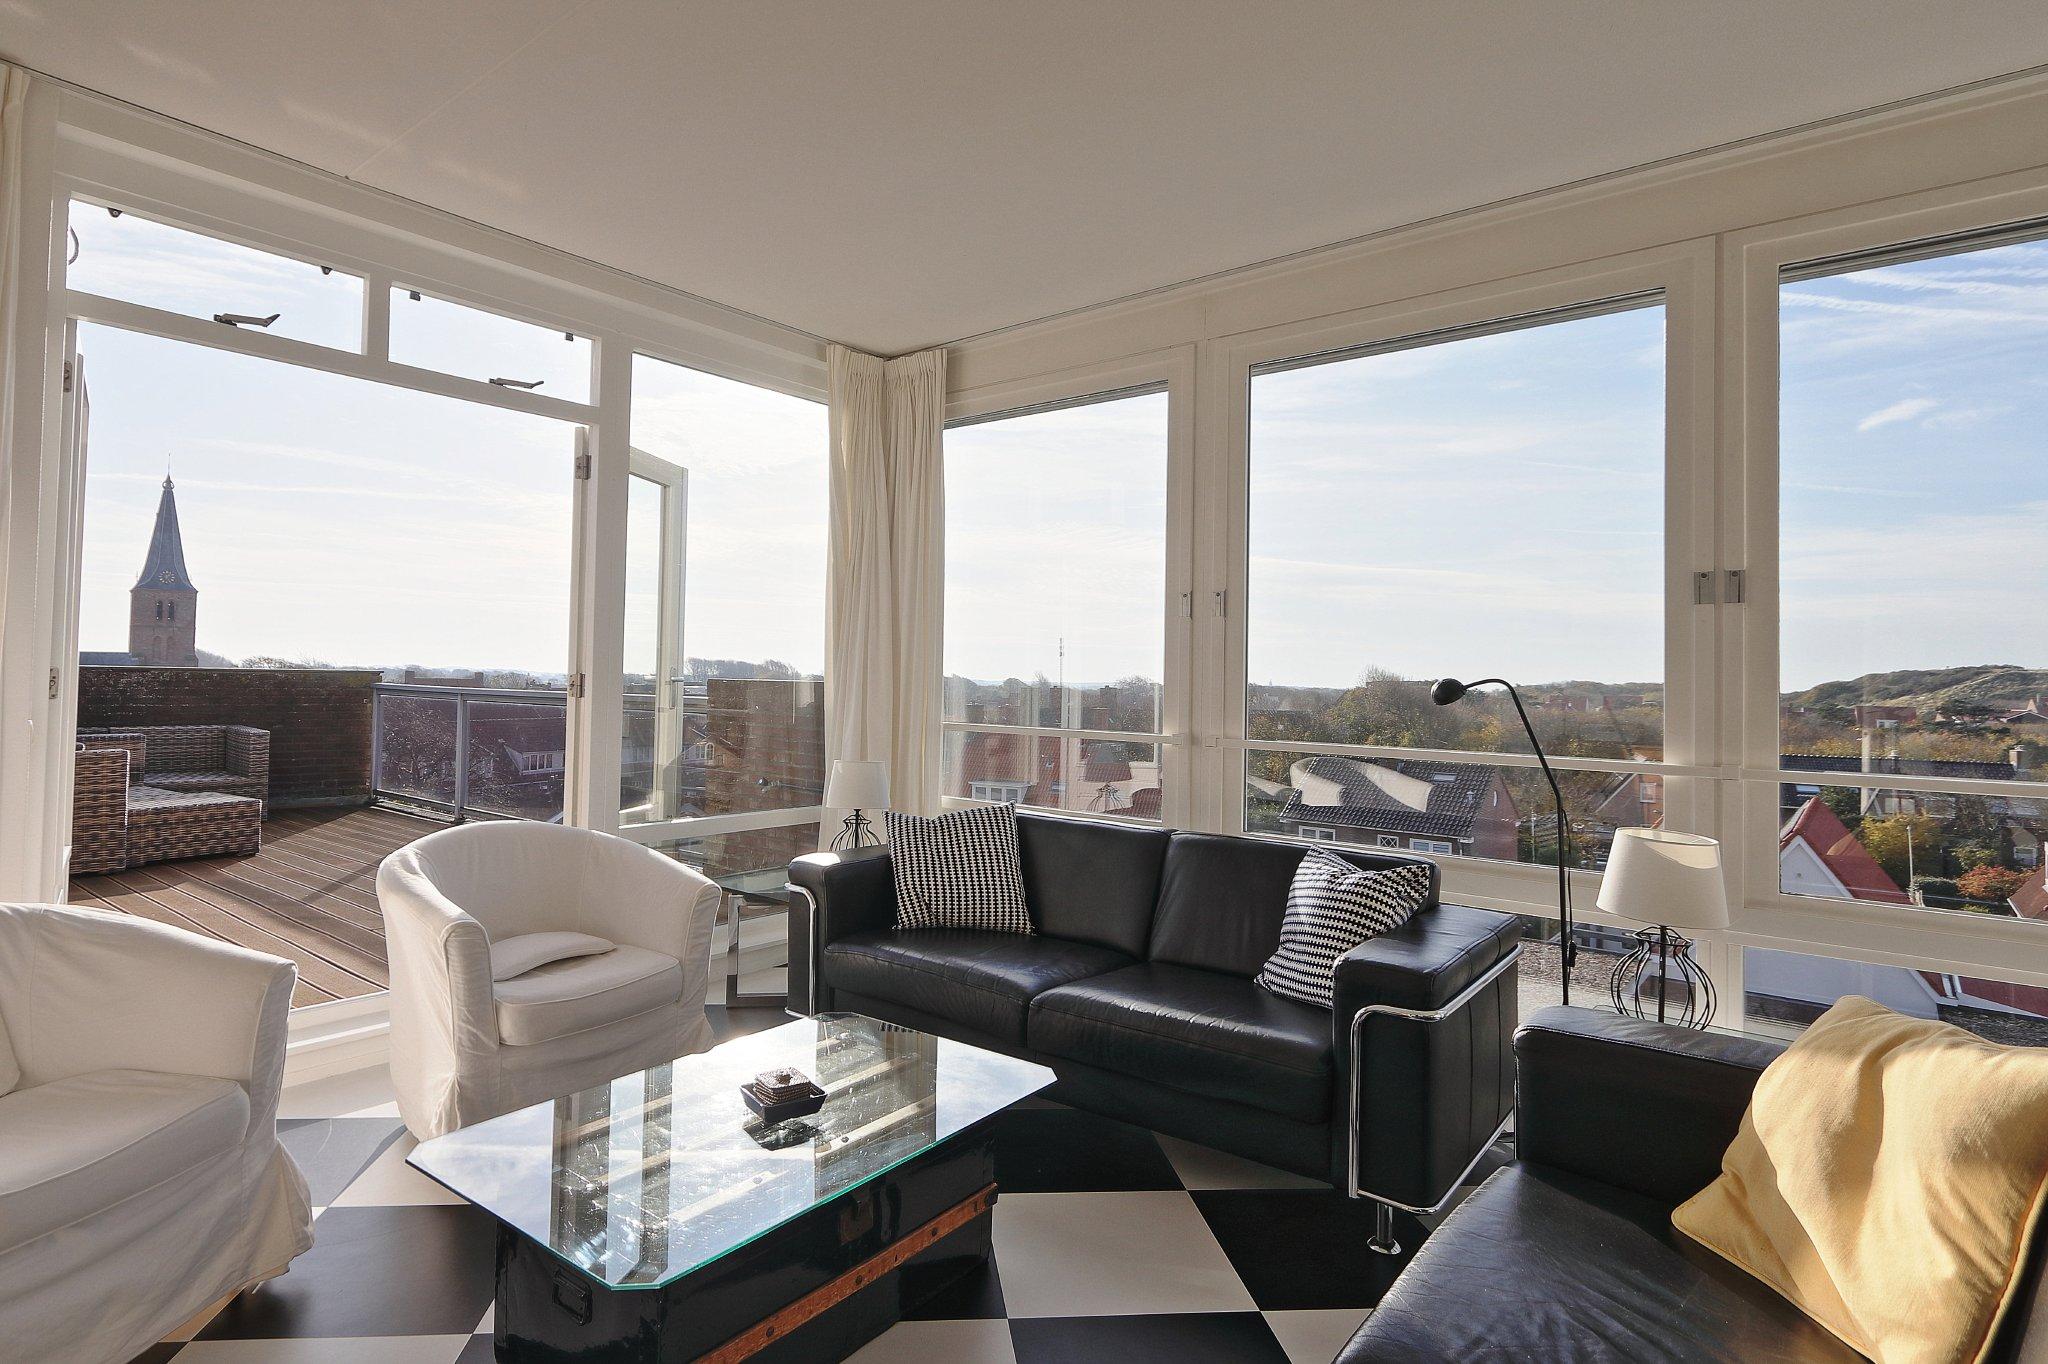 Wohnzimmer von 60 qm und Terrasse